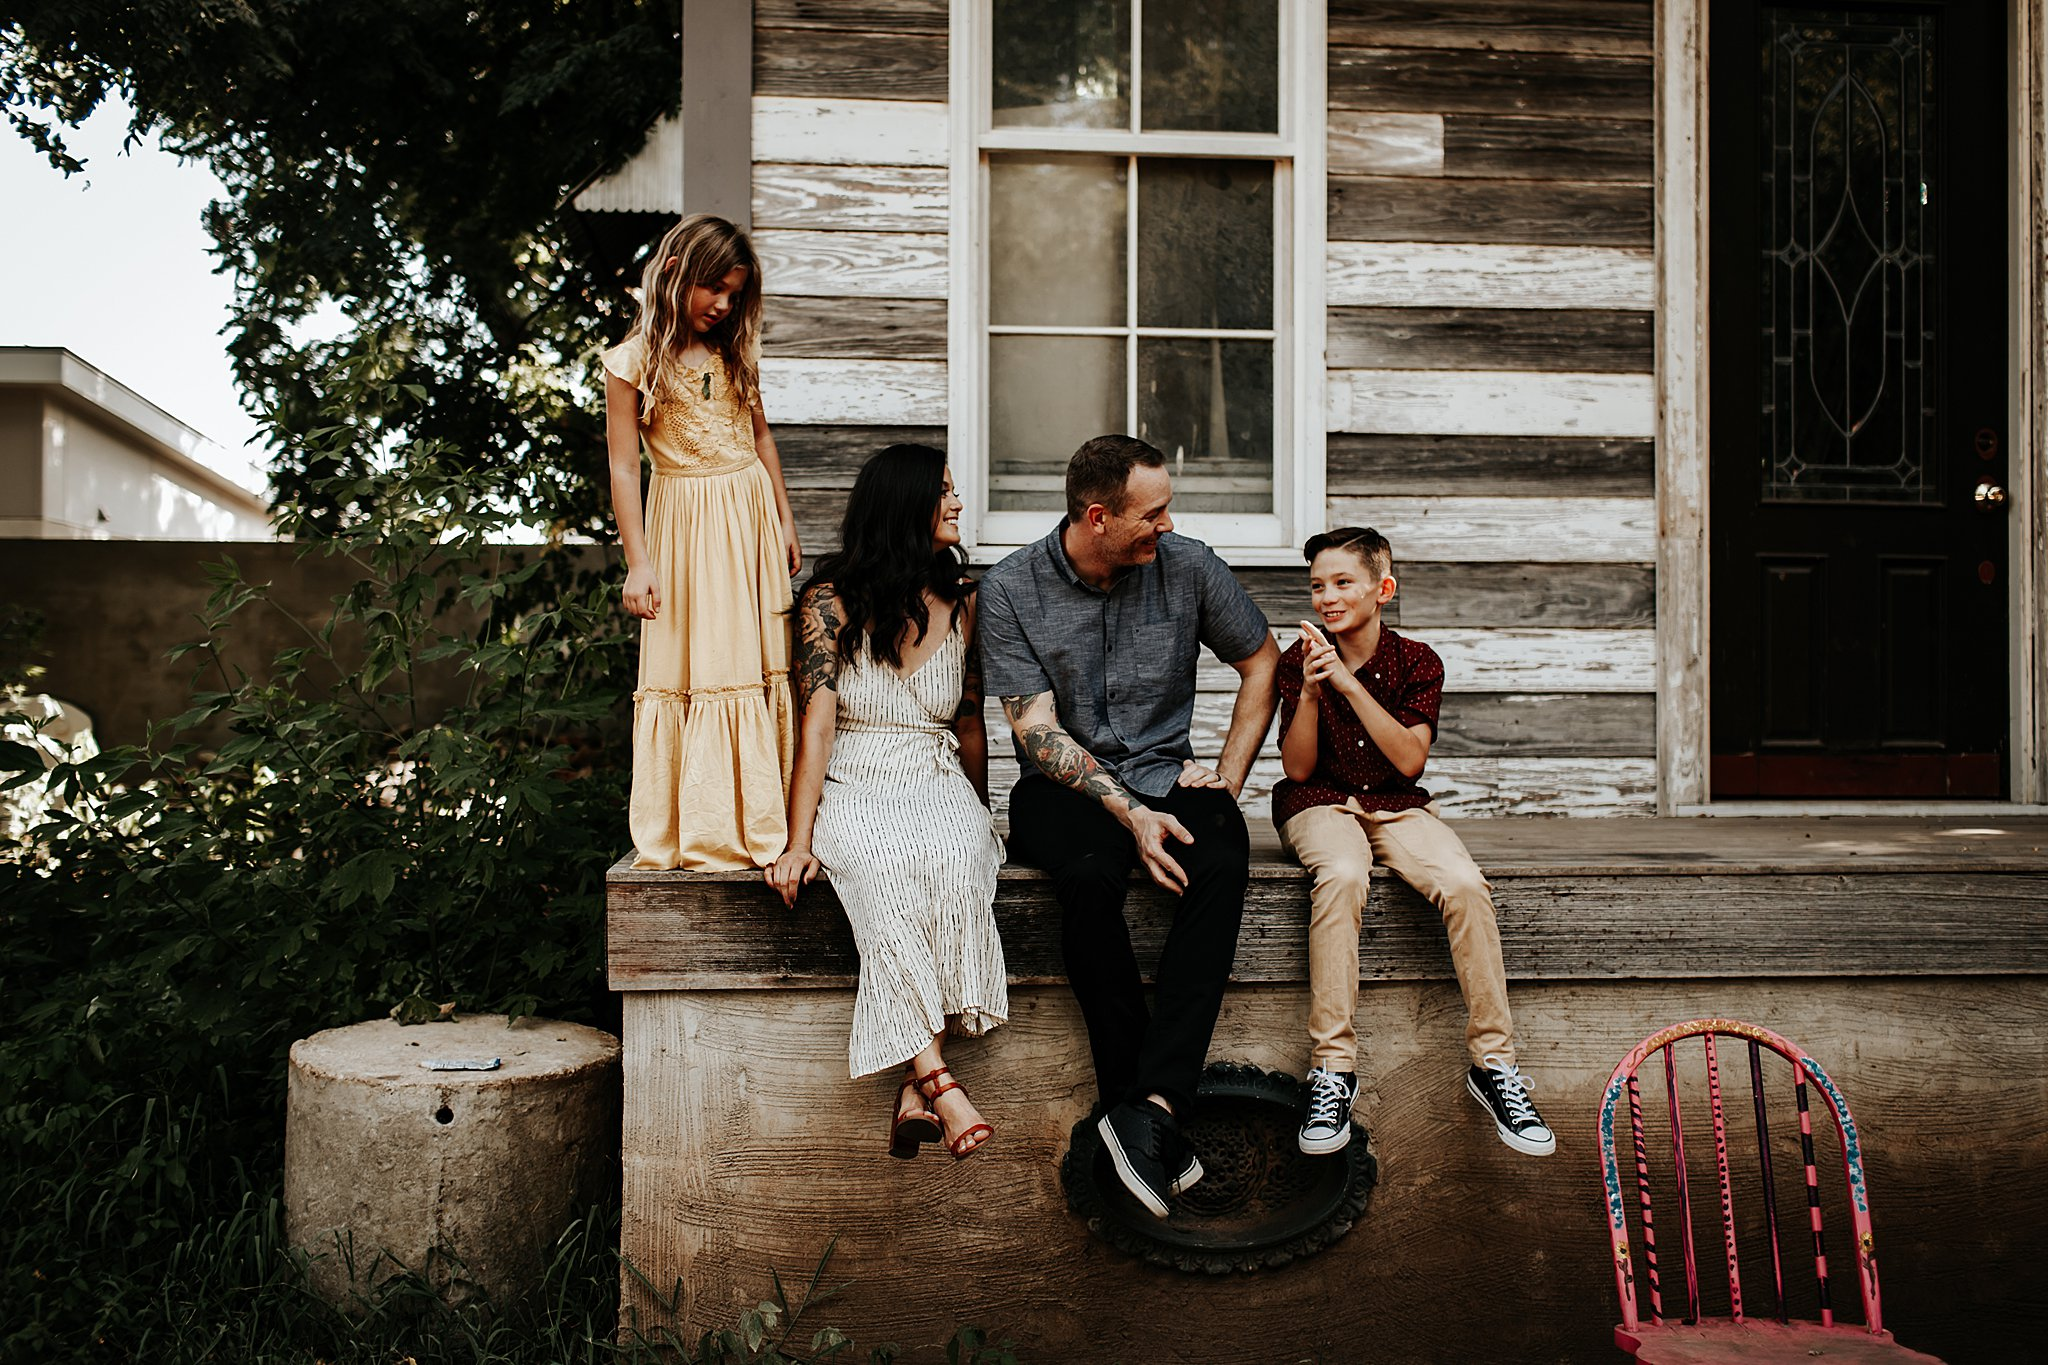 Ohara-San-Antonio-Family-Photographer-75_WEB.jpg